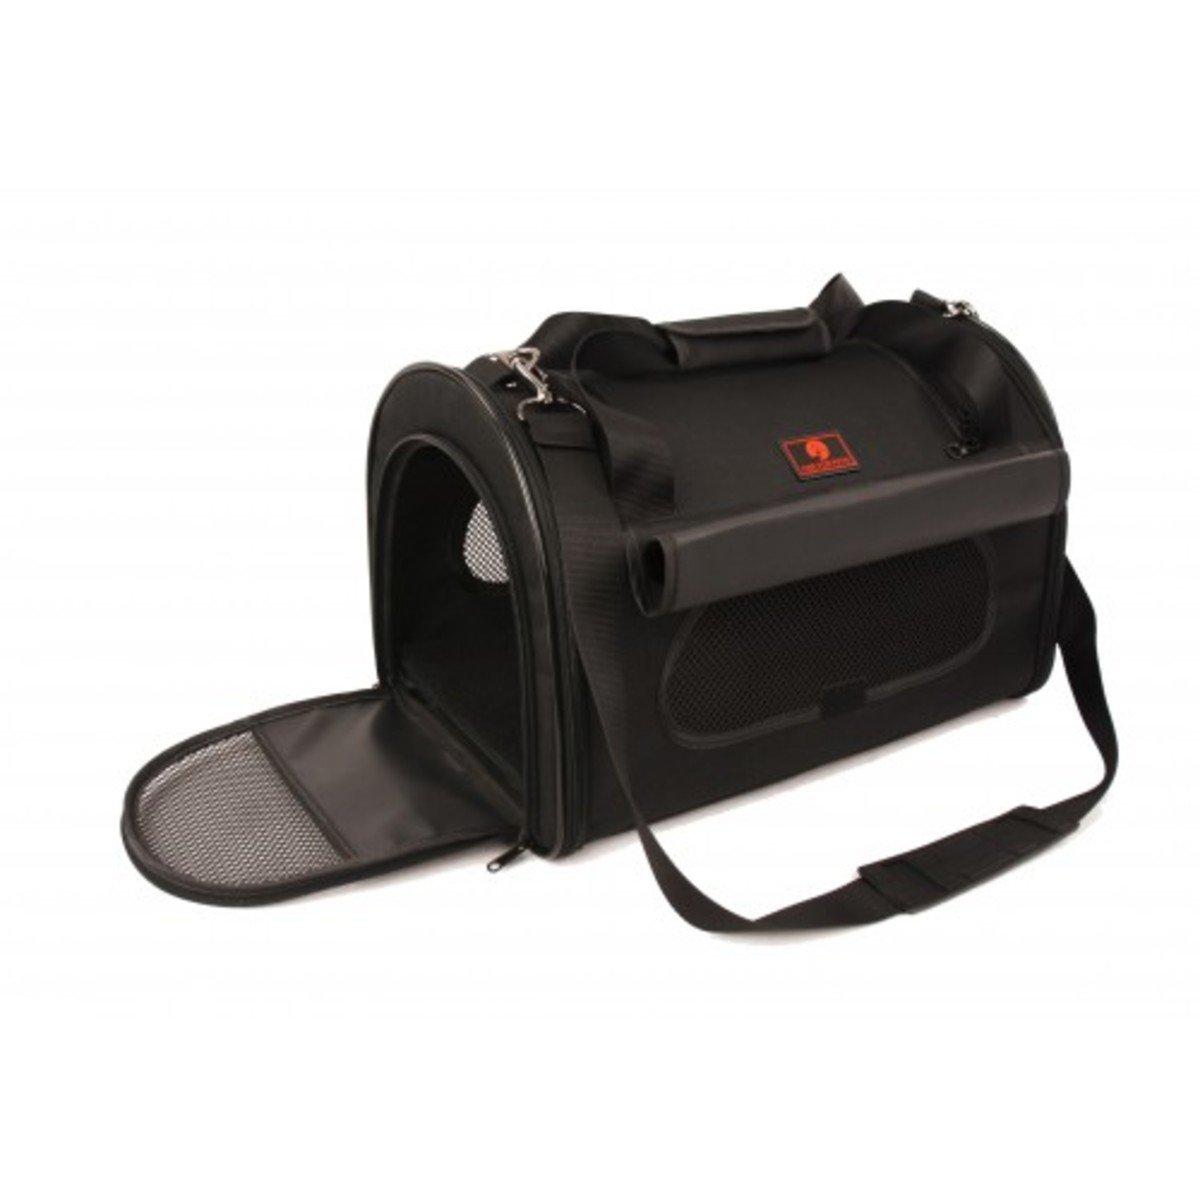 摺疊式寵物袋 (黑色)